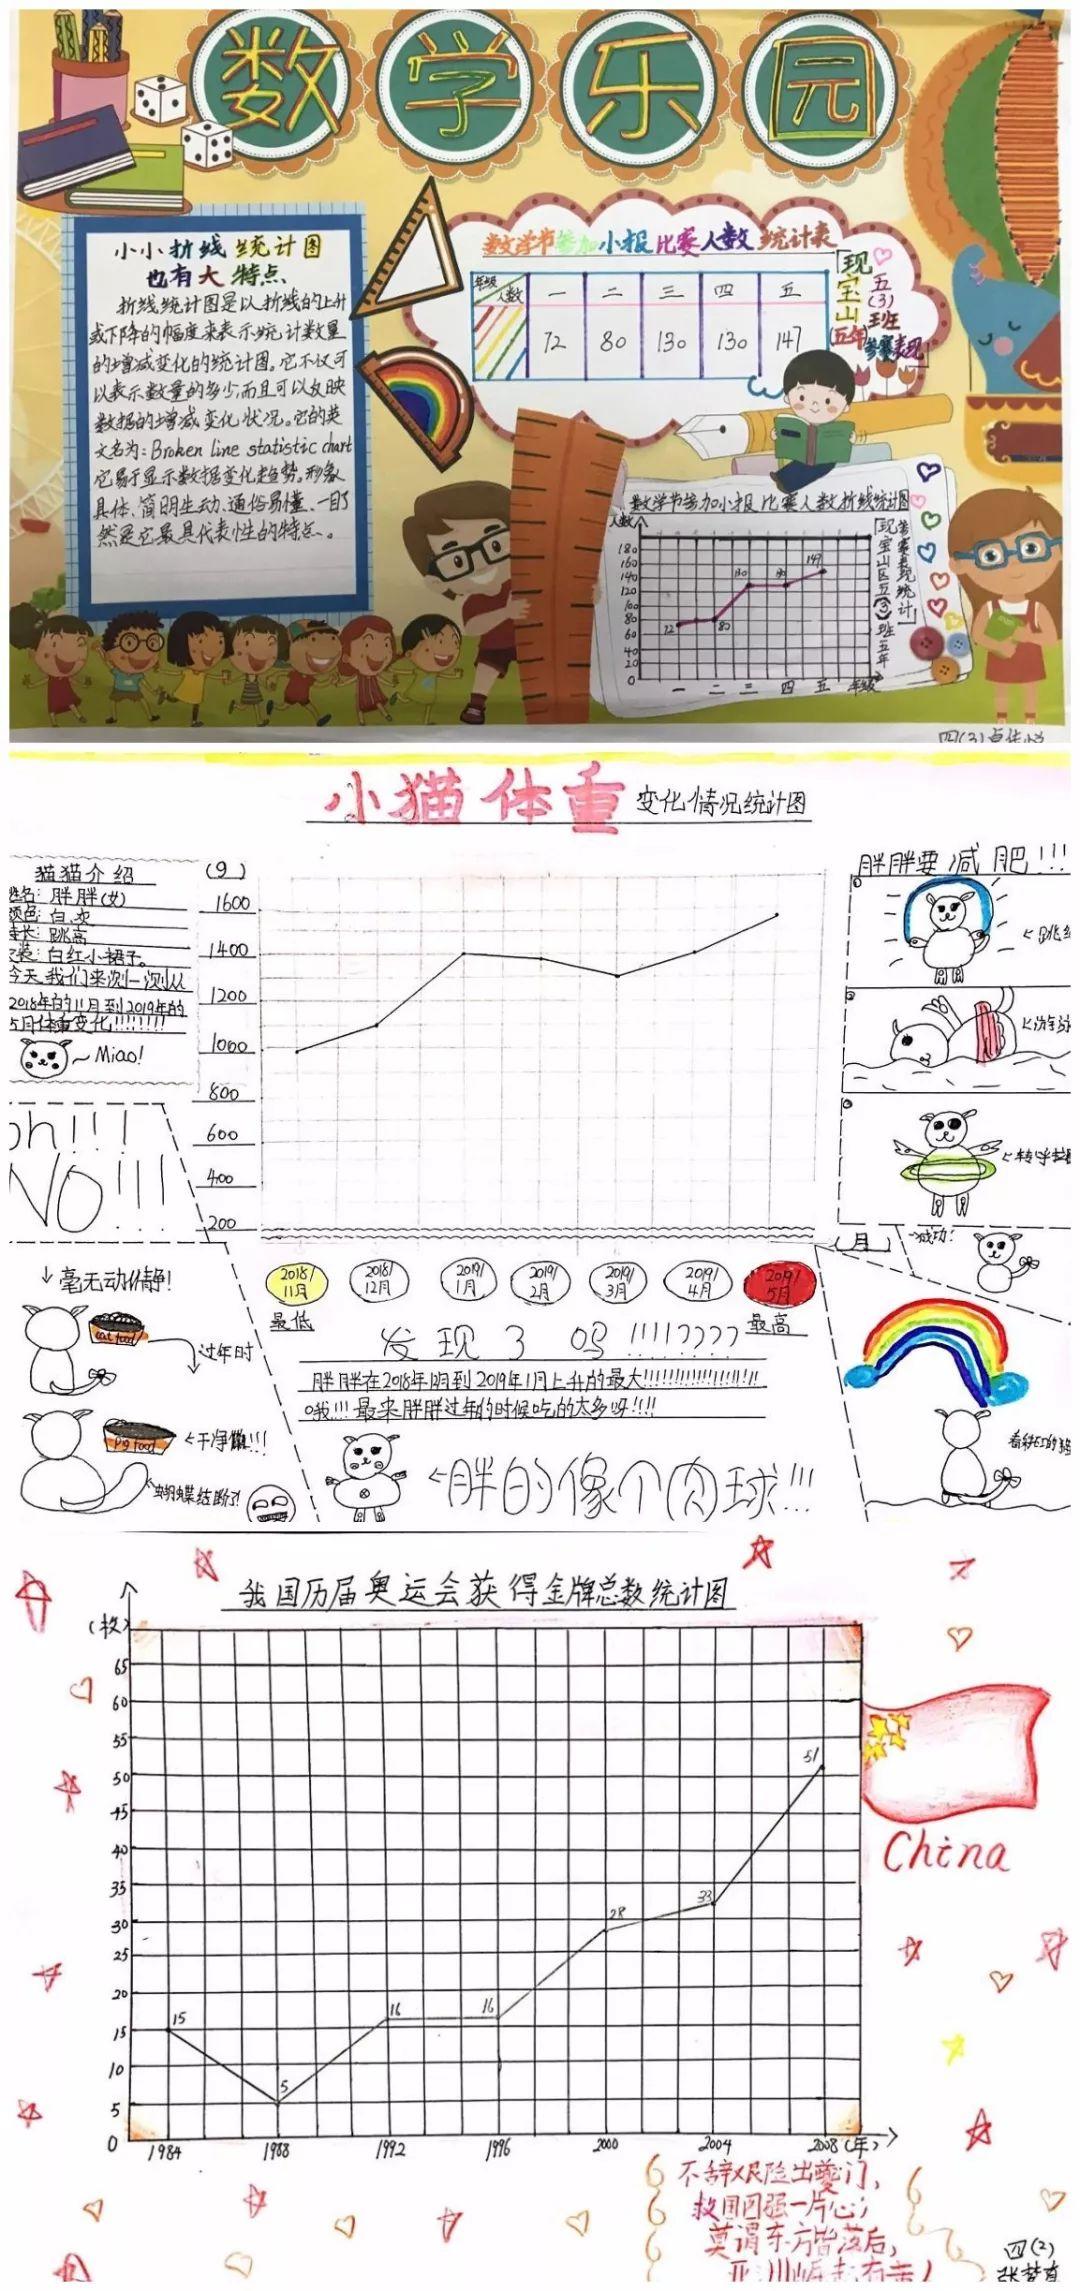 2018学年第二学期永清路小学数学节活动报道